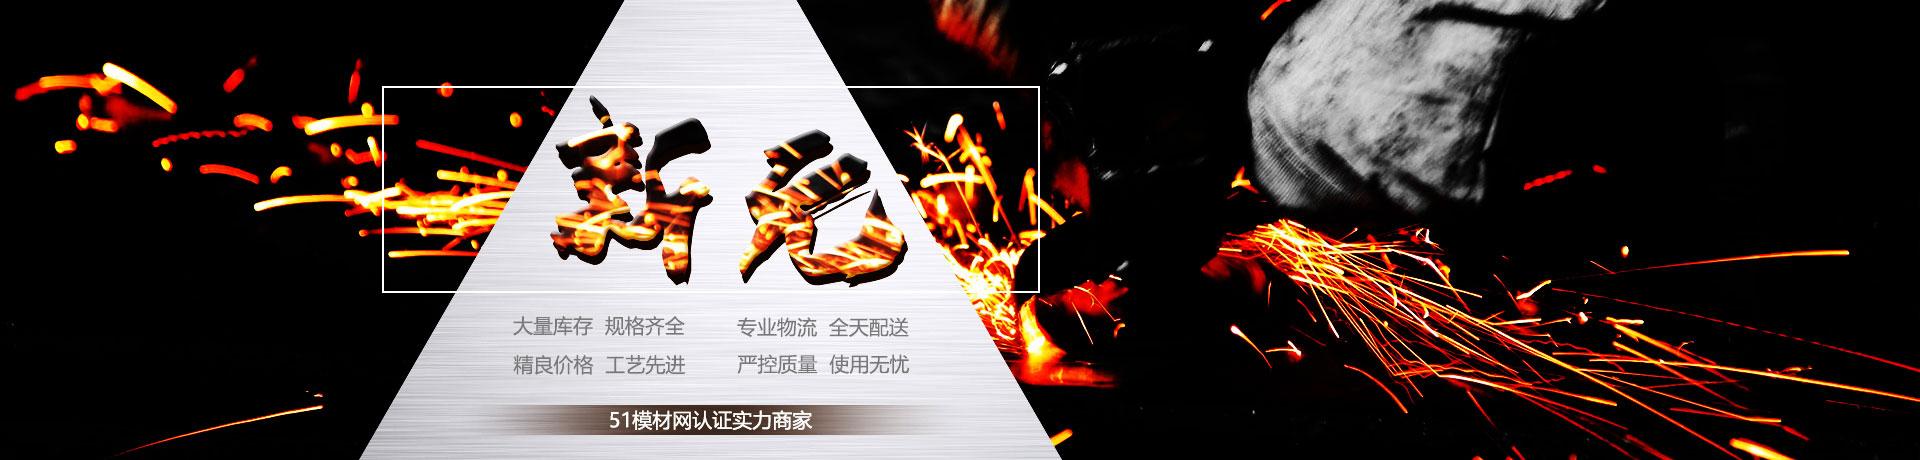 深圳市新元钢铁材料有限公司